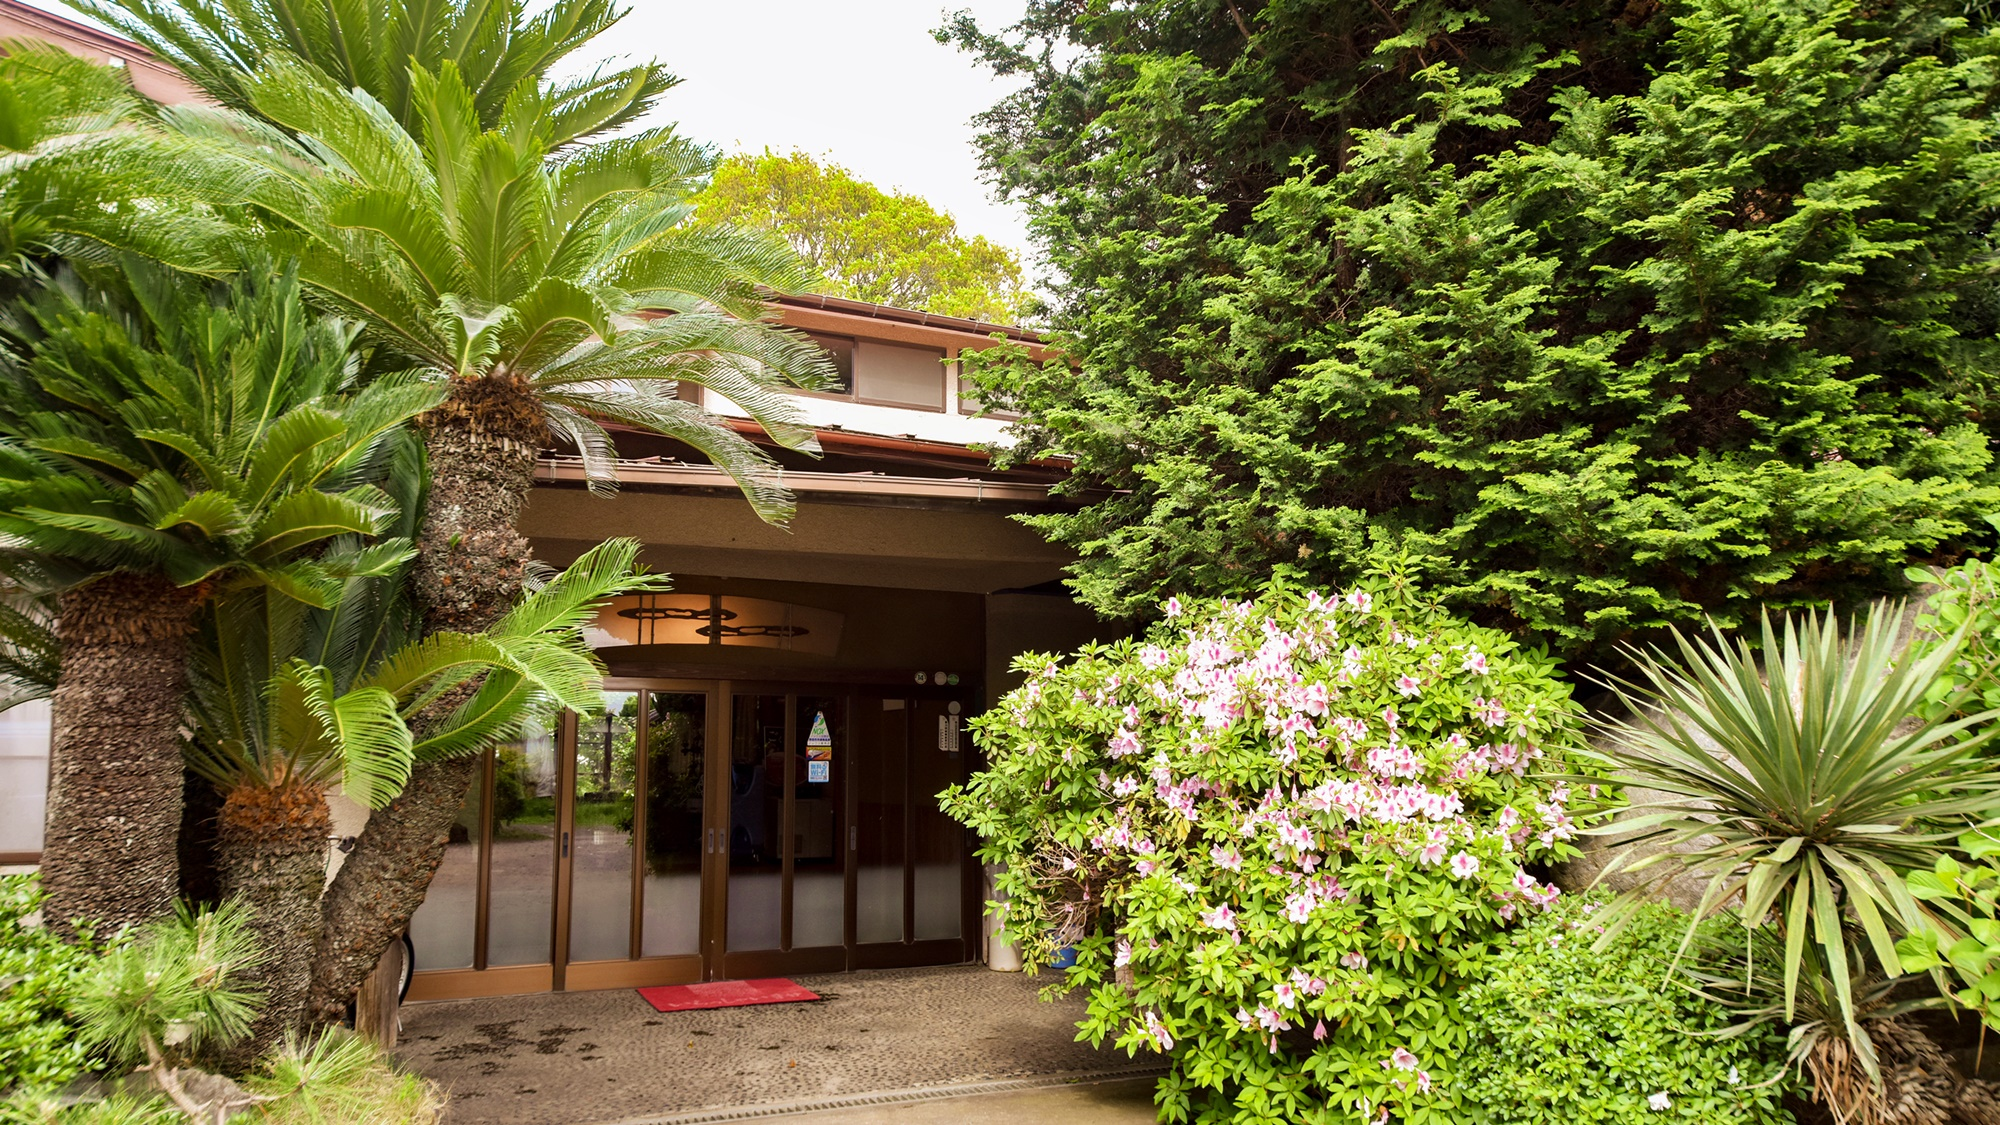 割烹旅館 水明荘の施設画像